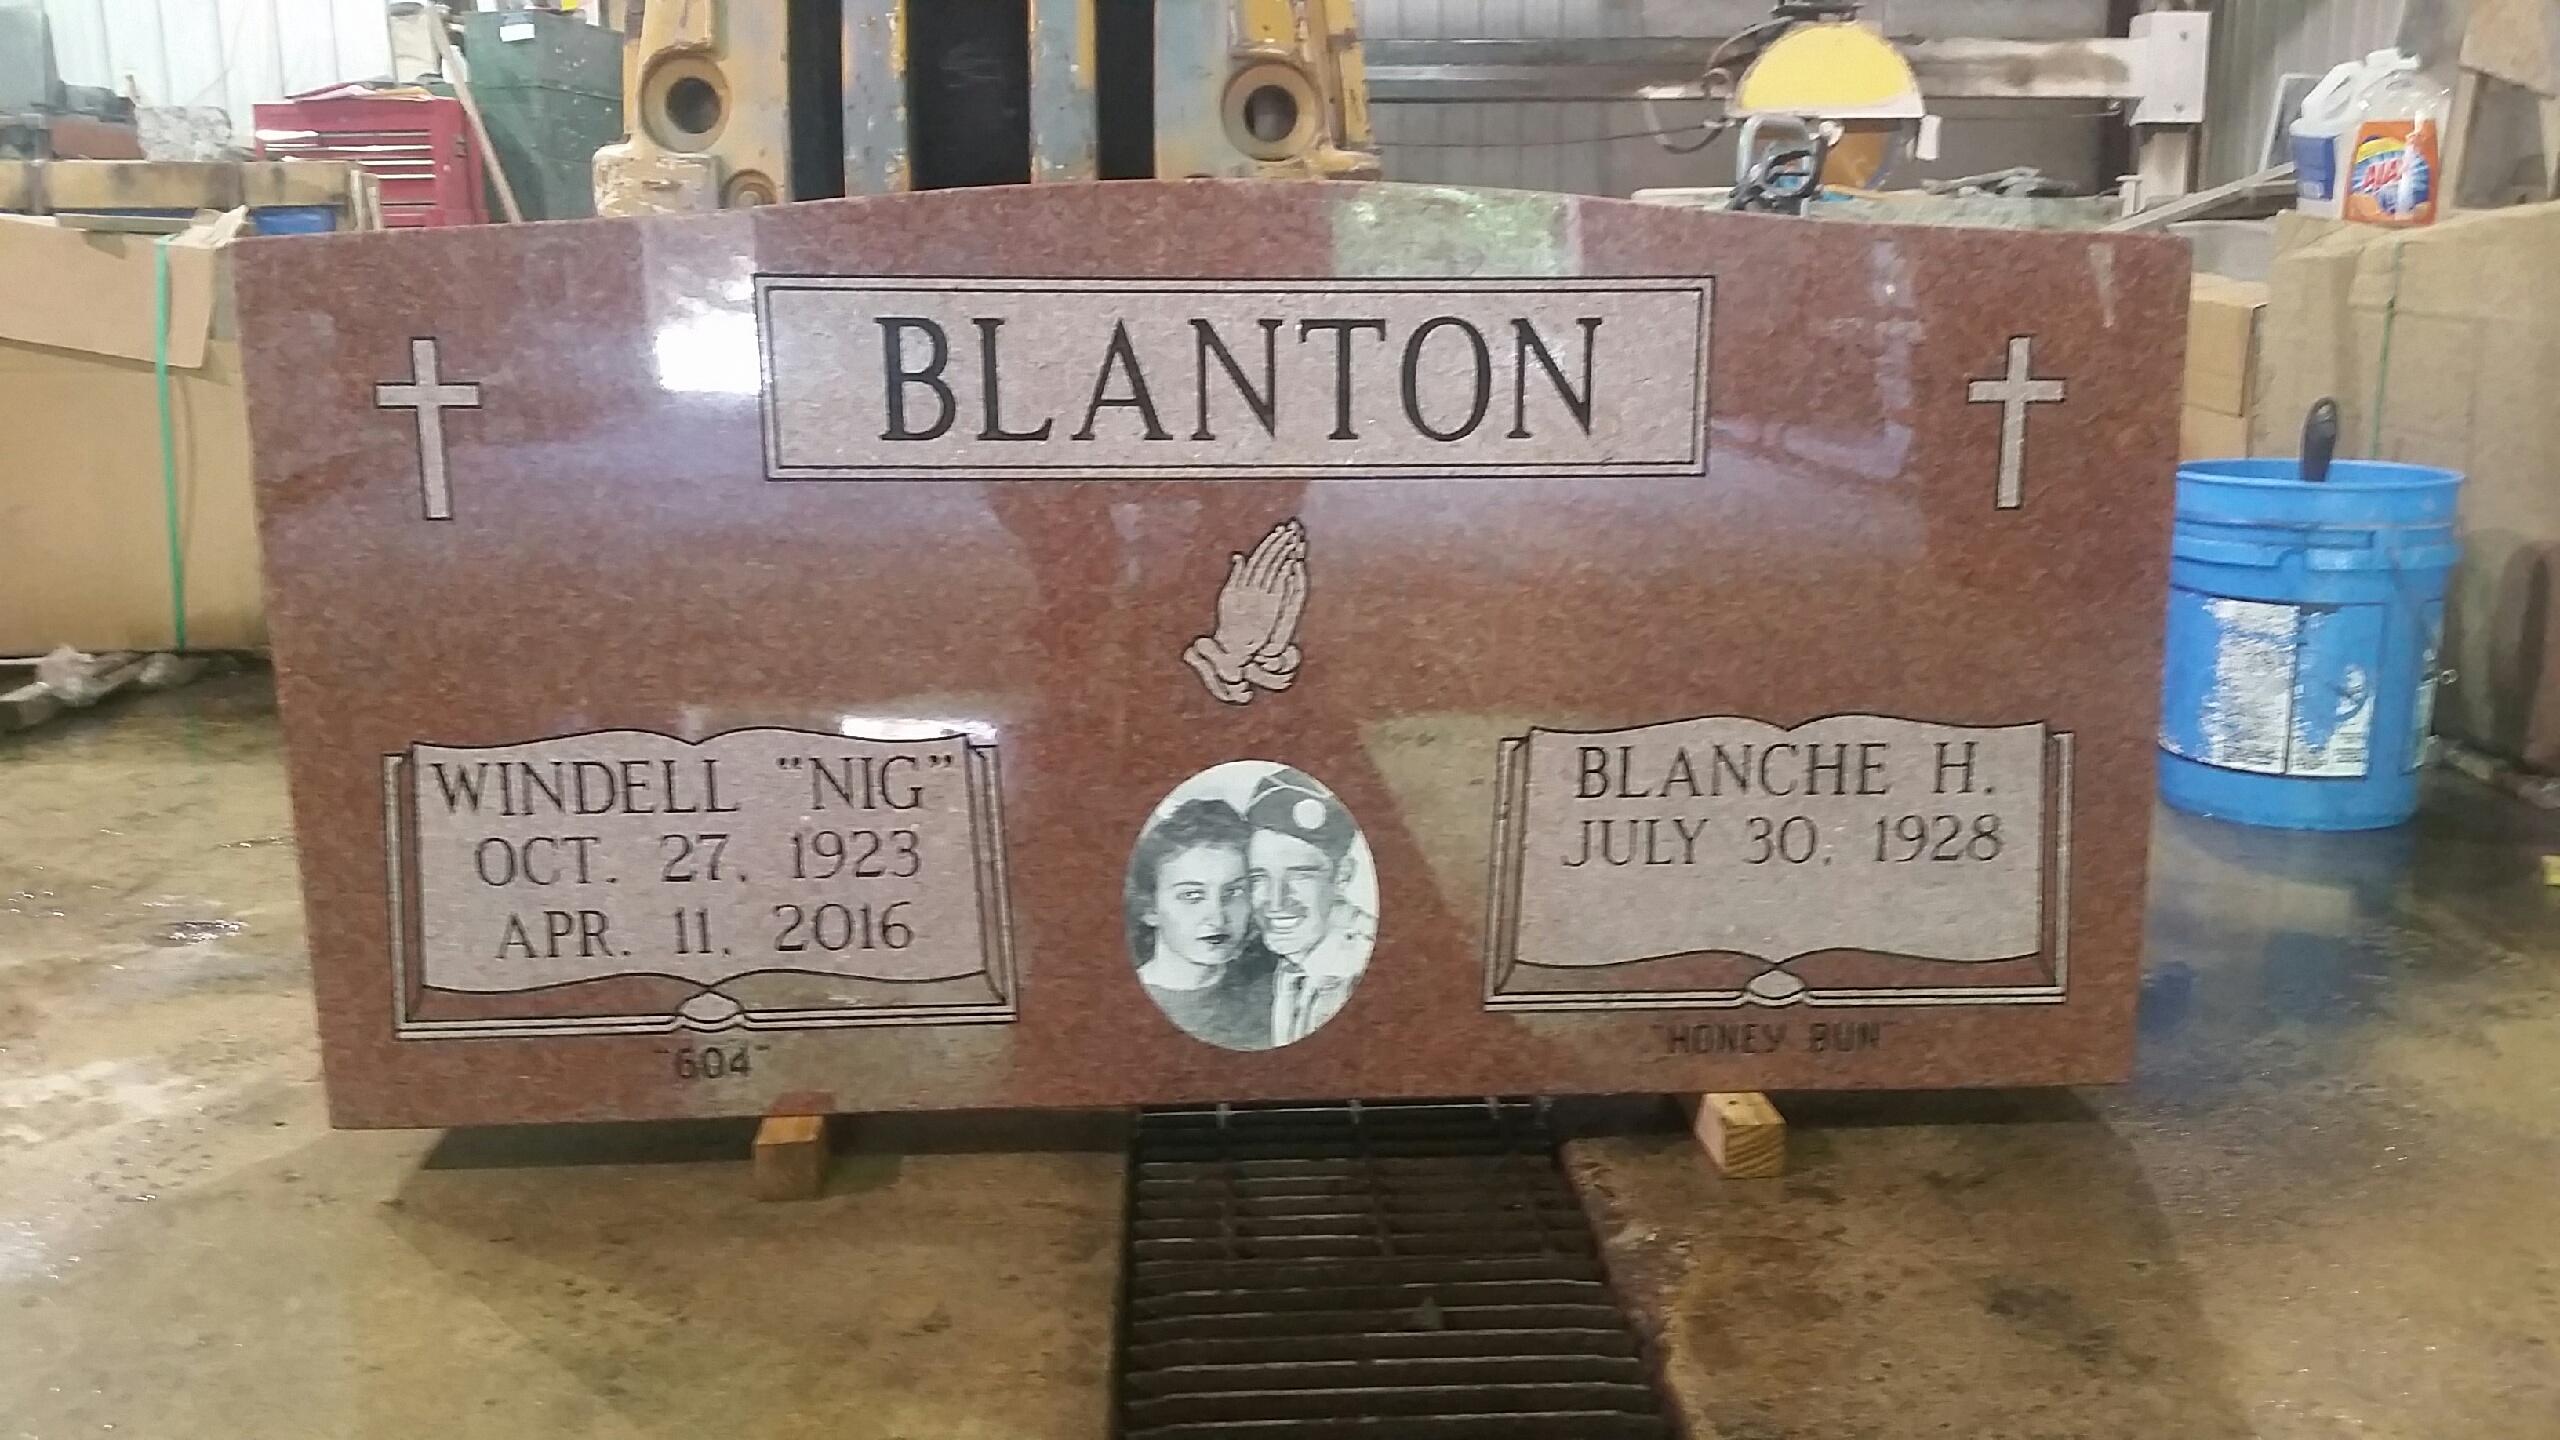 Blanton